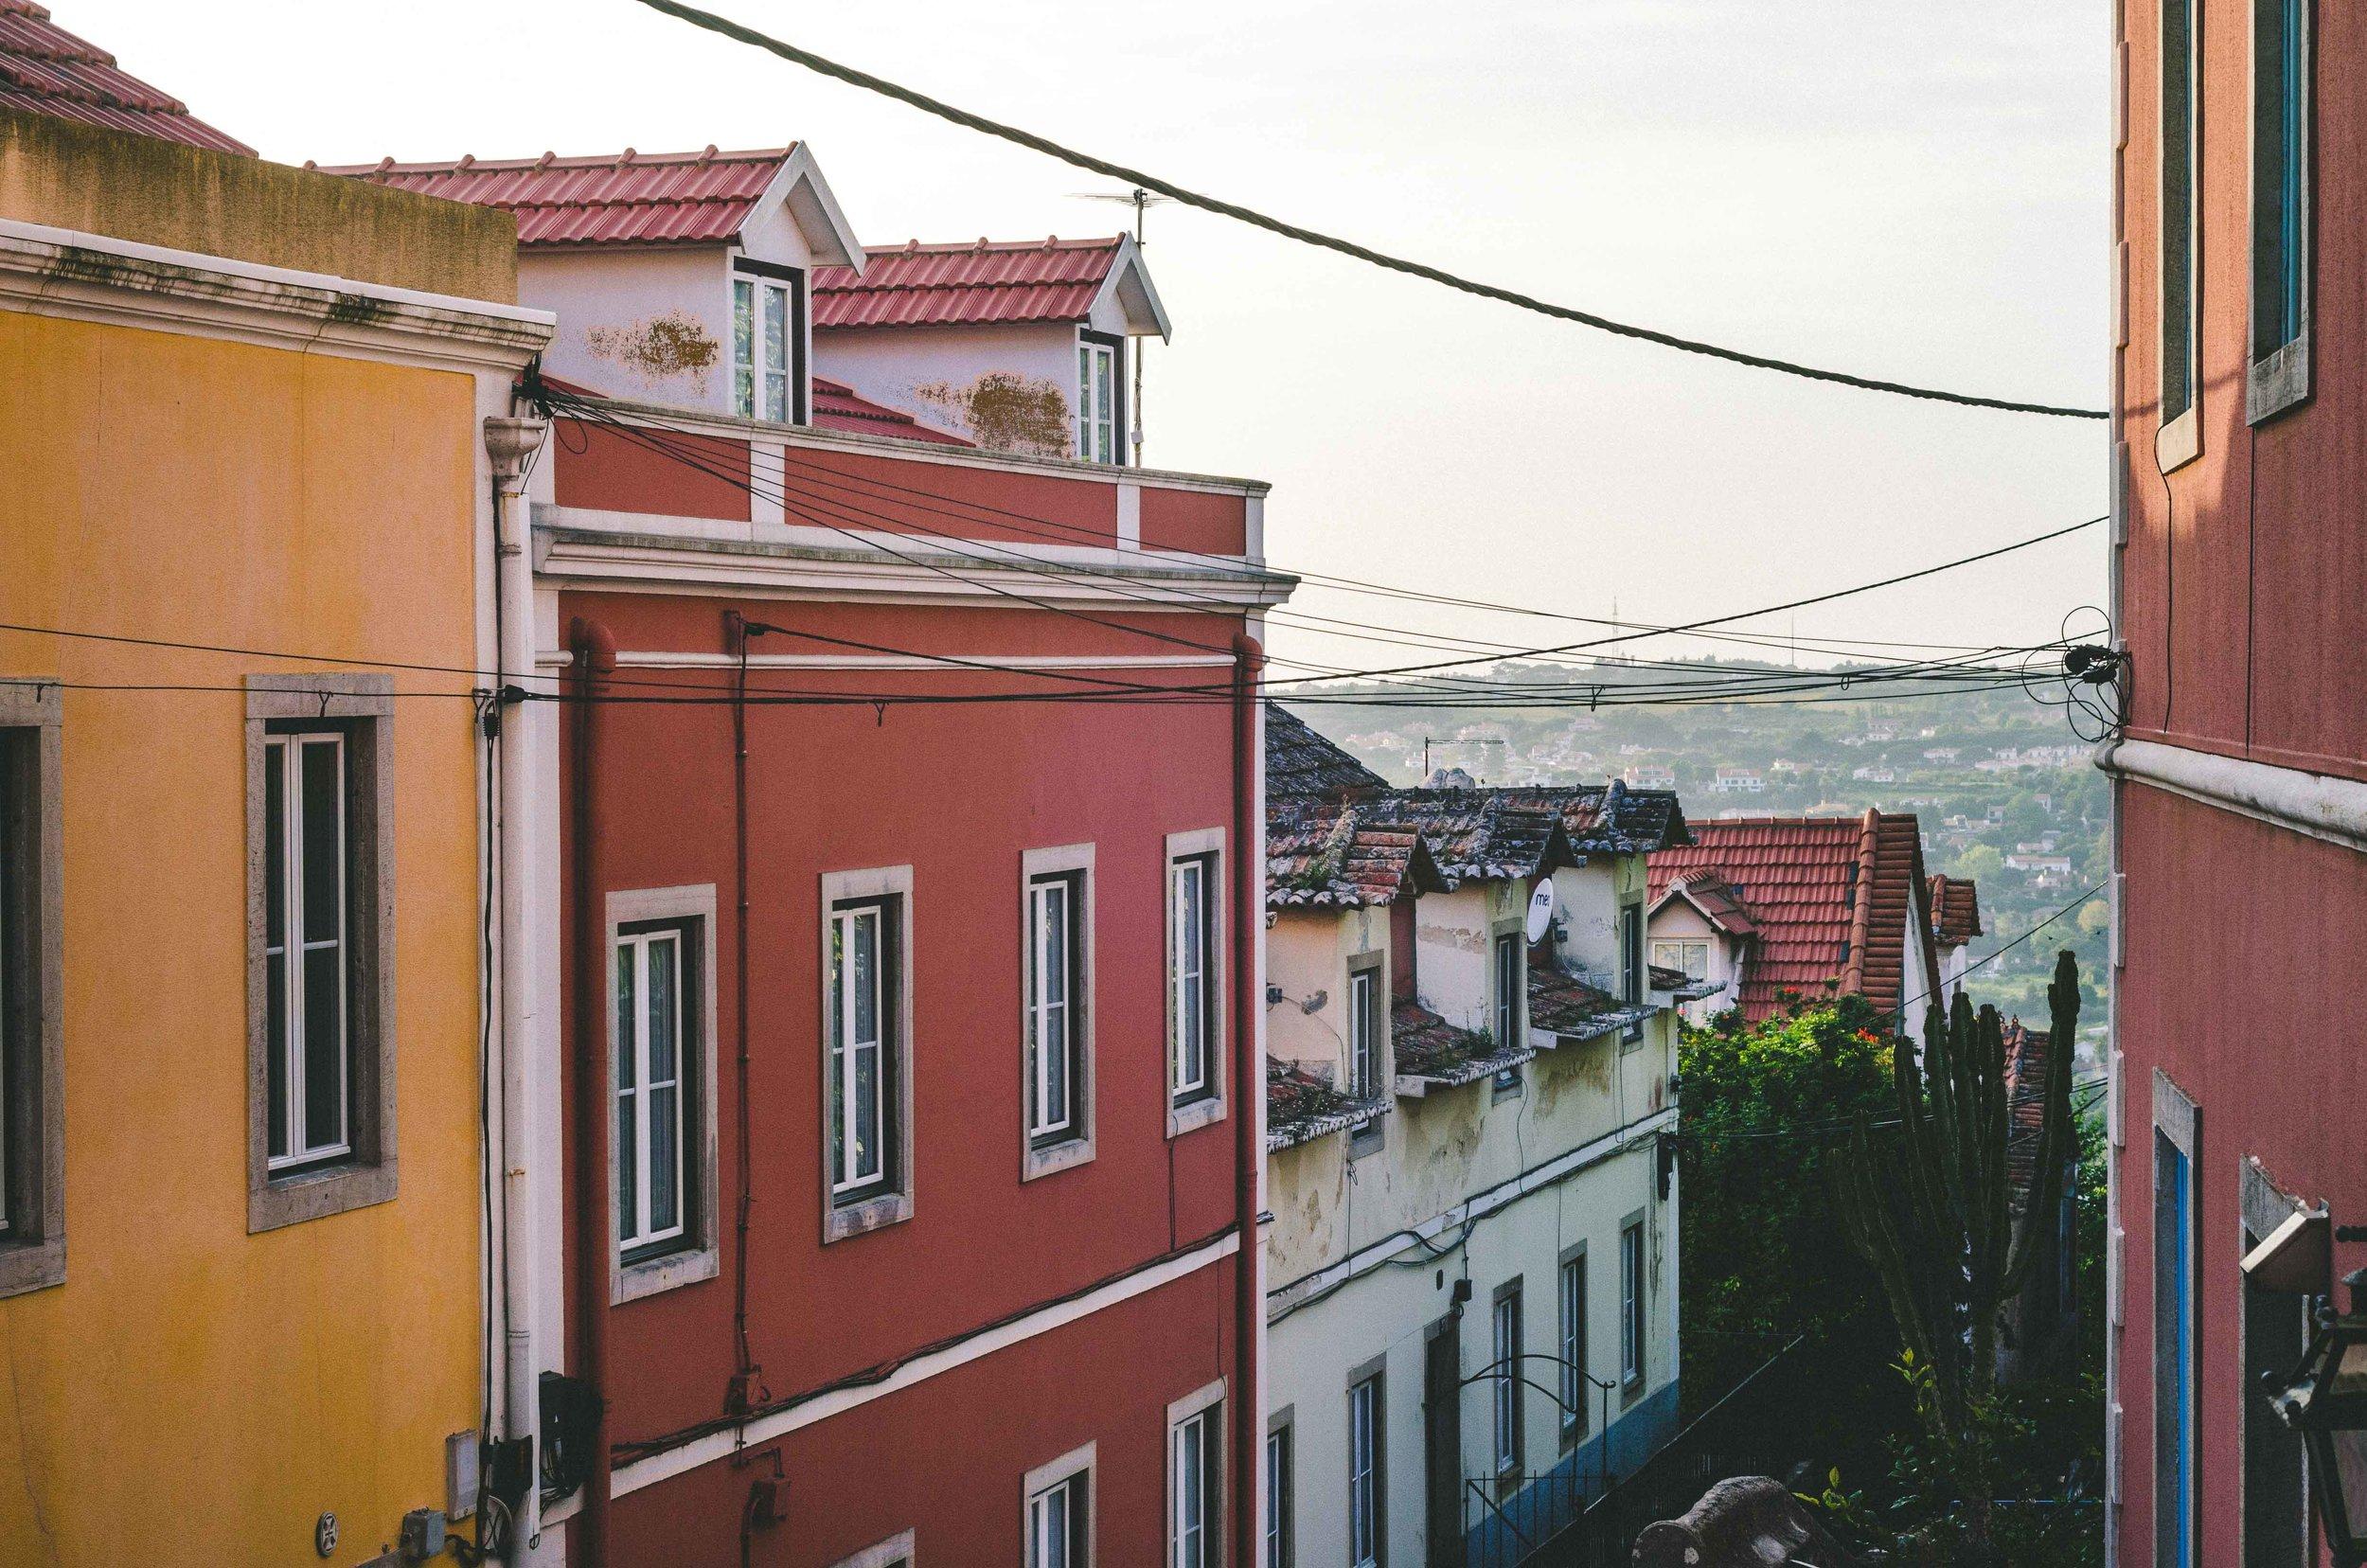 schoenmaker_portugalblog-7.jpg